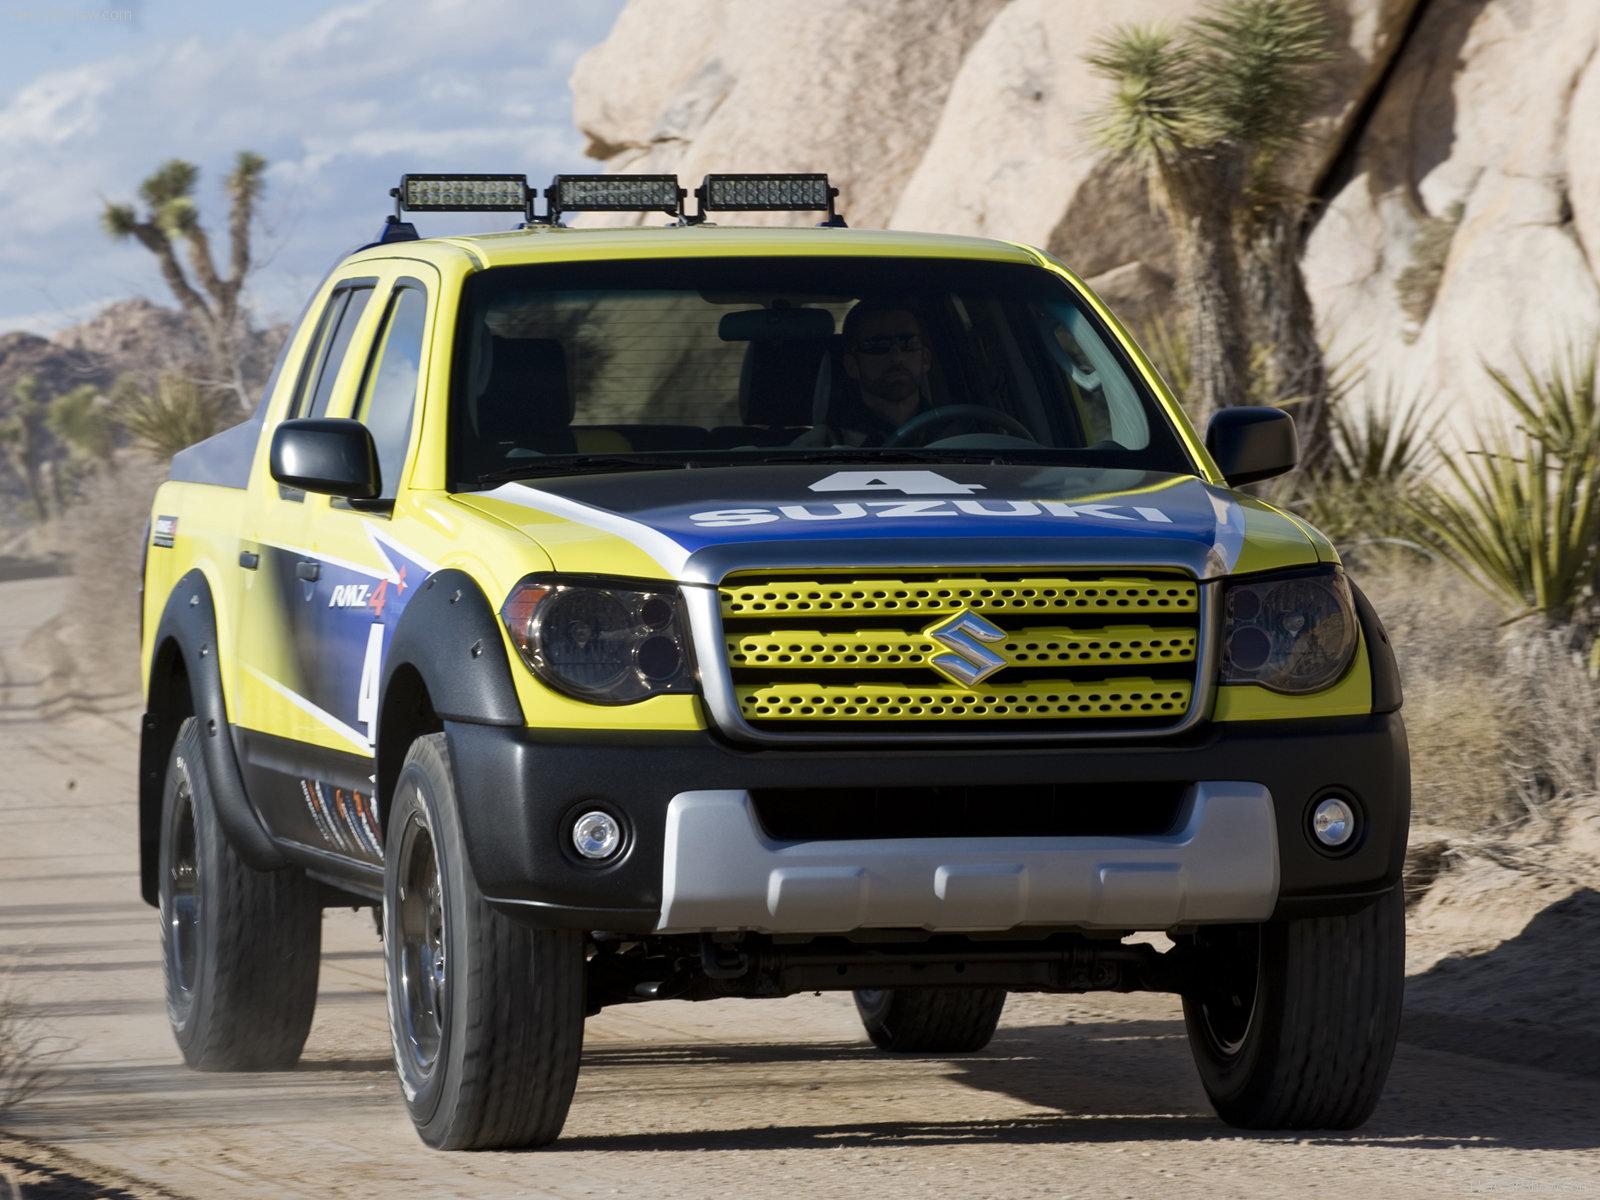 Hình ảnh xe ô tô Suzuki Equator RMZ-4 Concept 2008 & nội ngoại thất